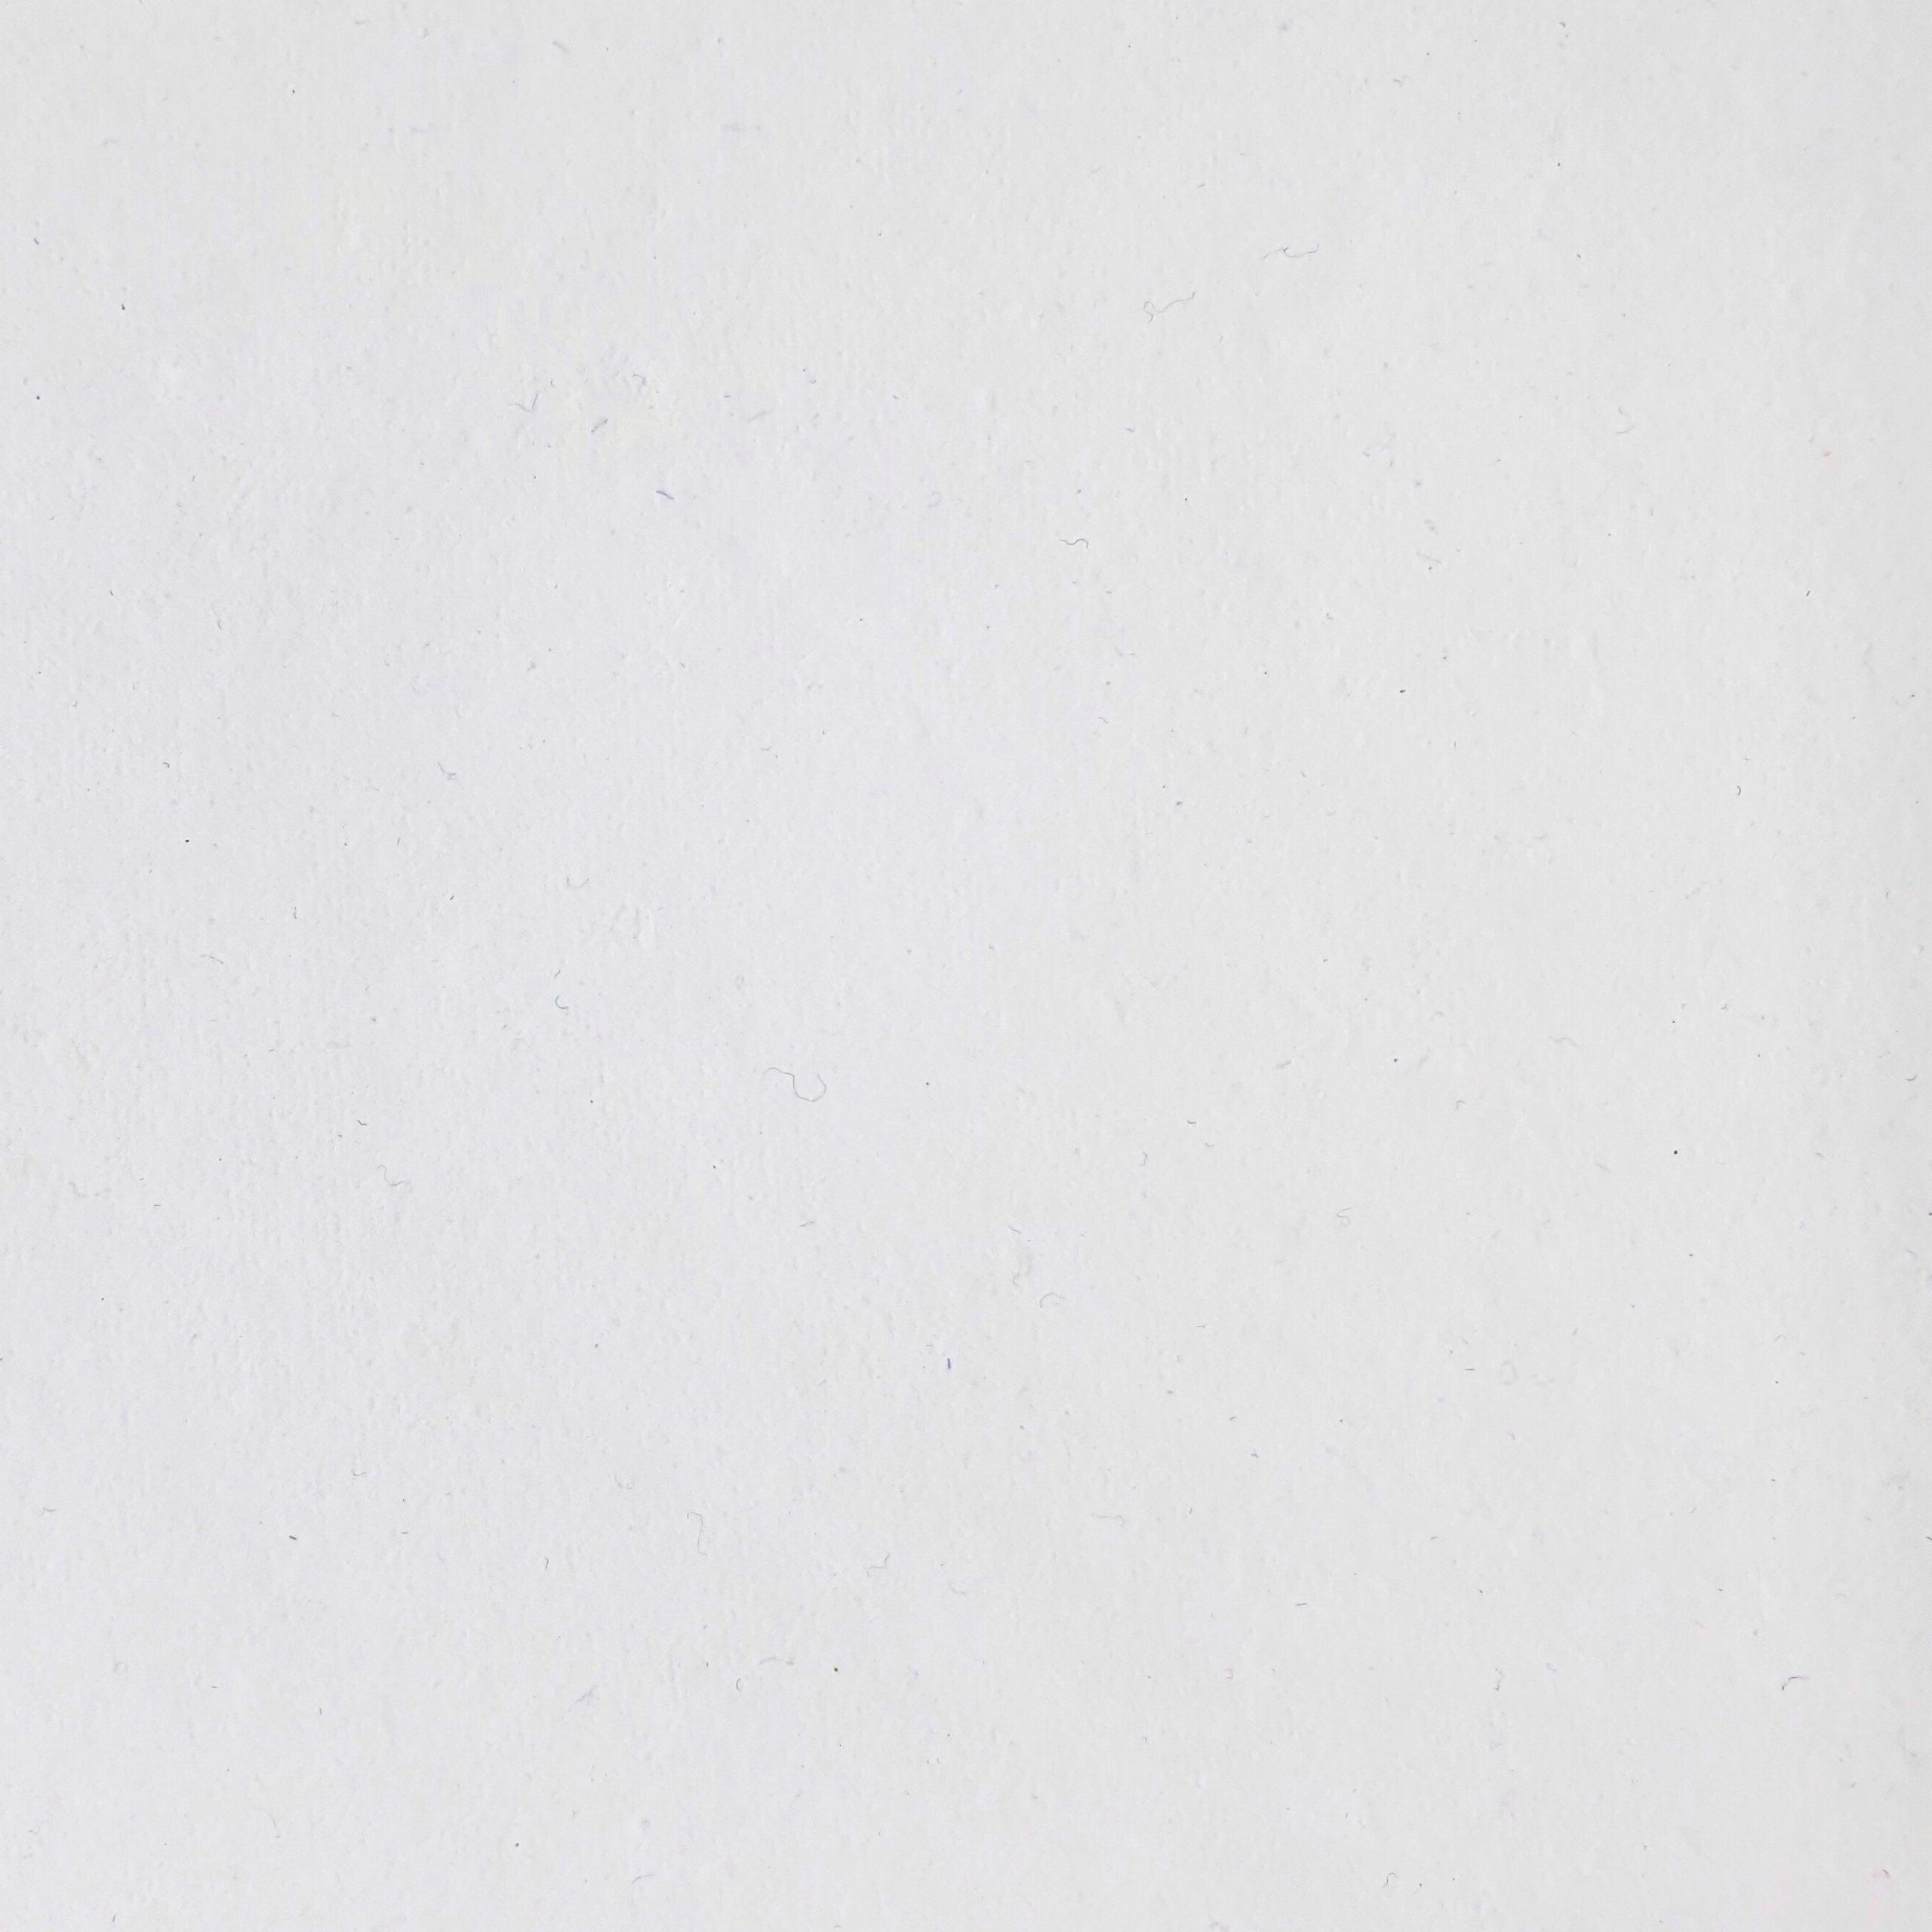 papel de algodon